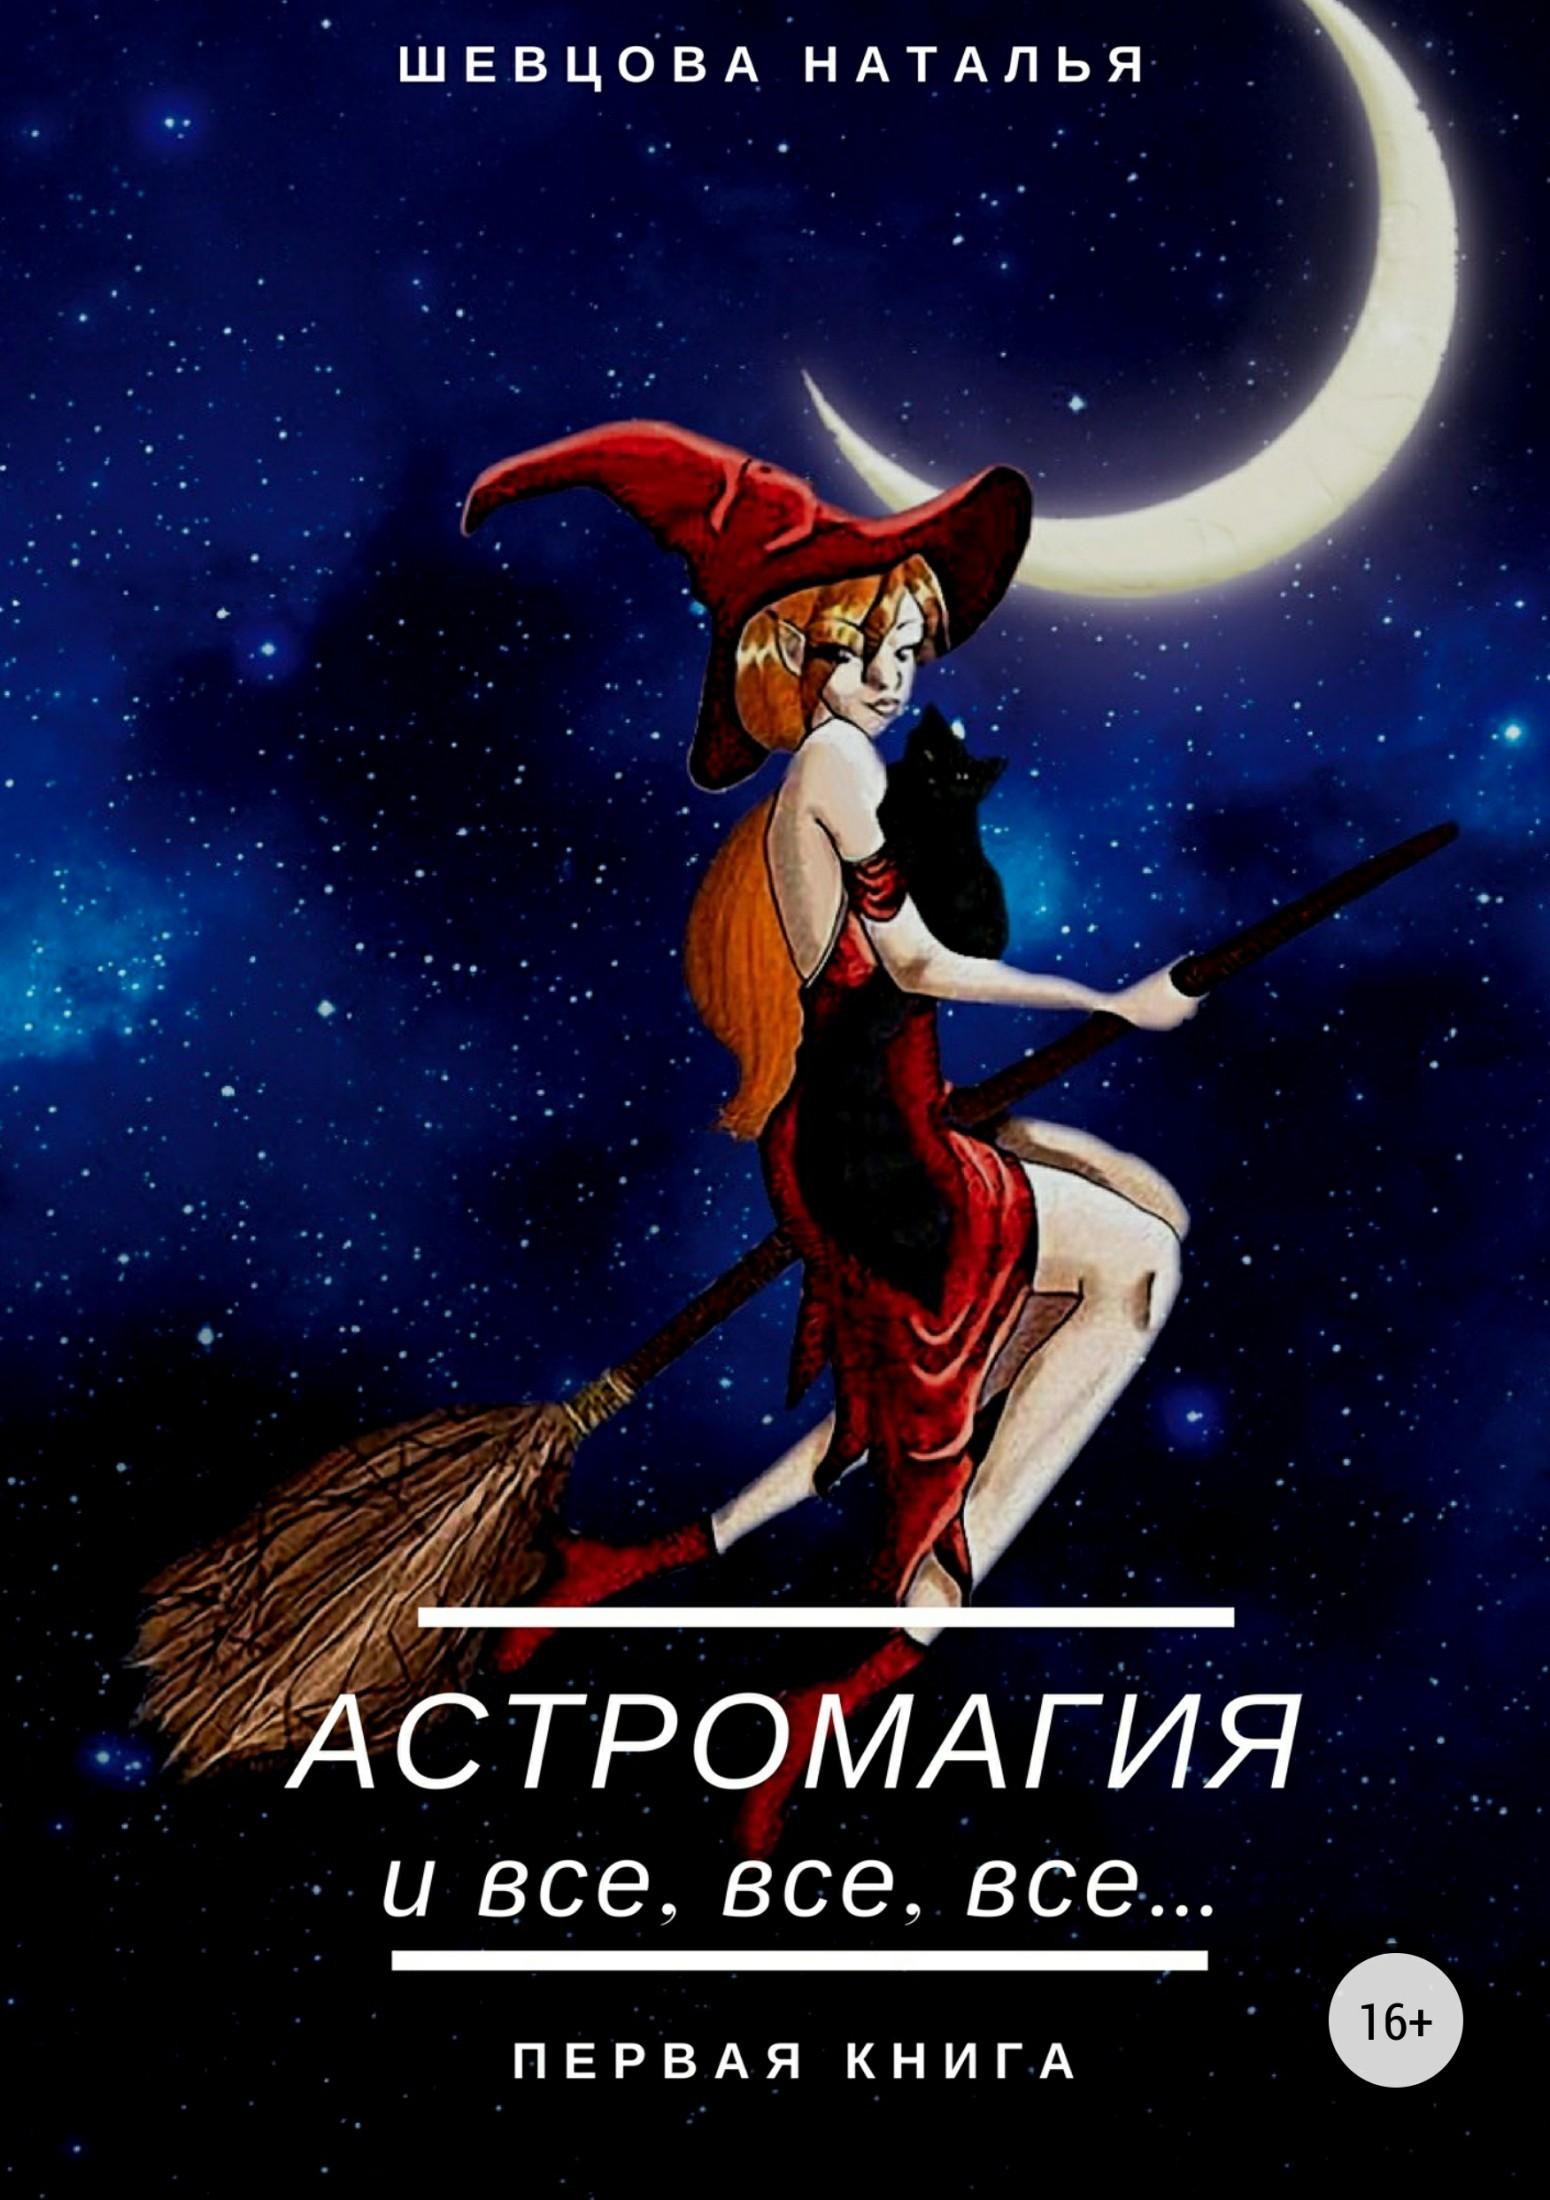 Наталья Шевцова - Астромагия и все, все, все. Книга 1